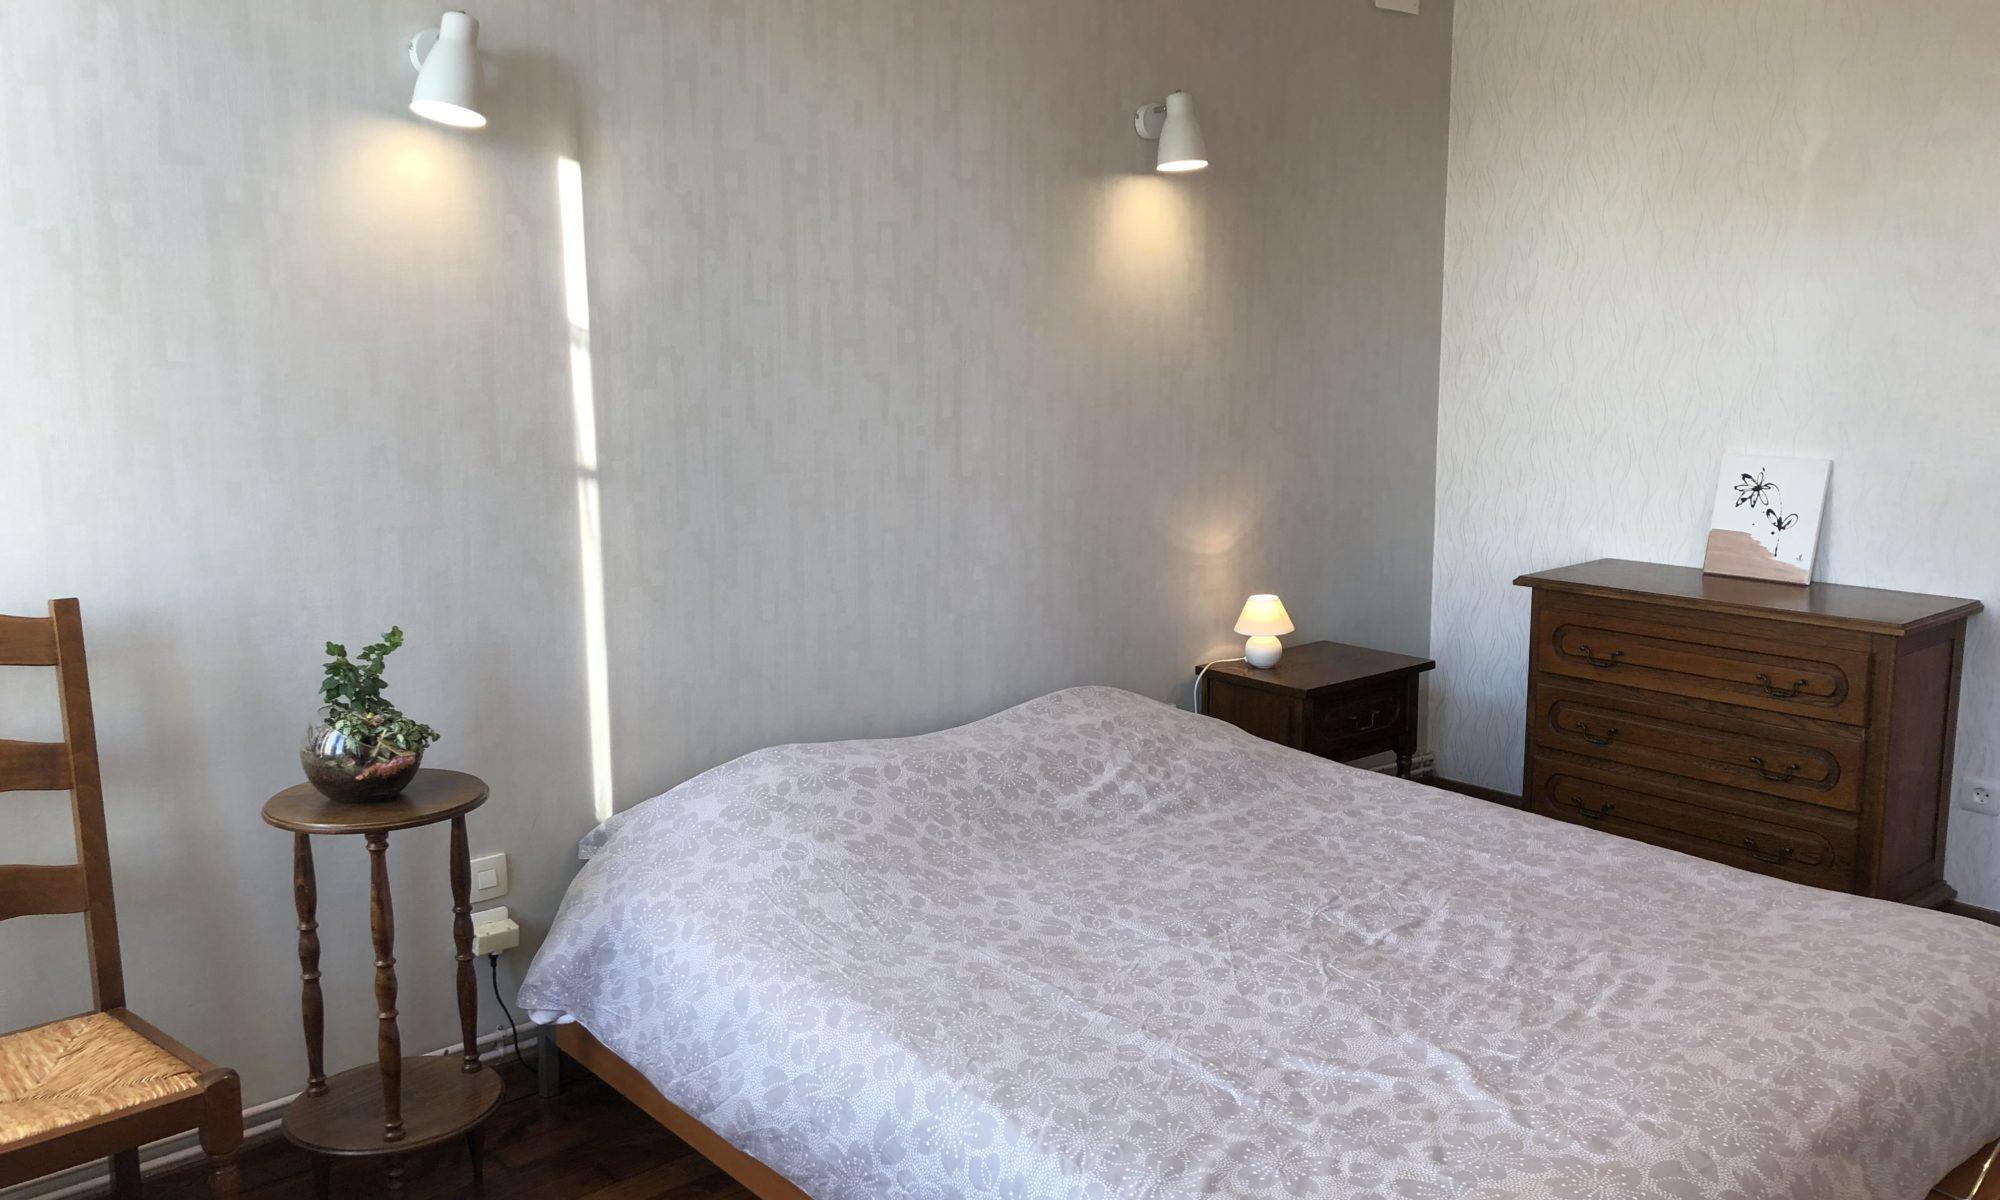 Chambre confortable pour deux personnes dans notre appartement à louer